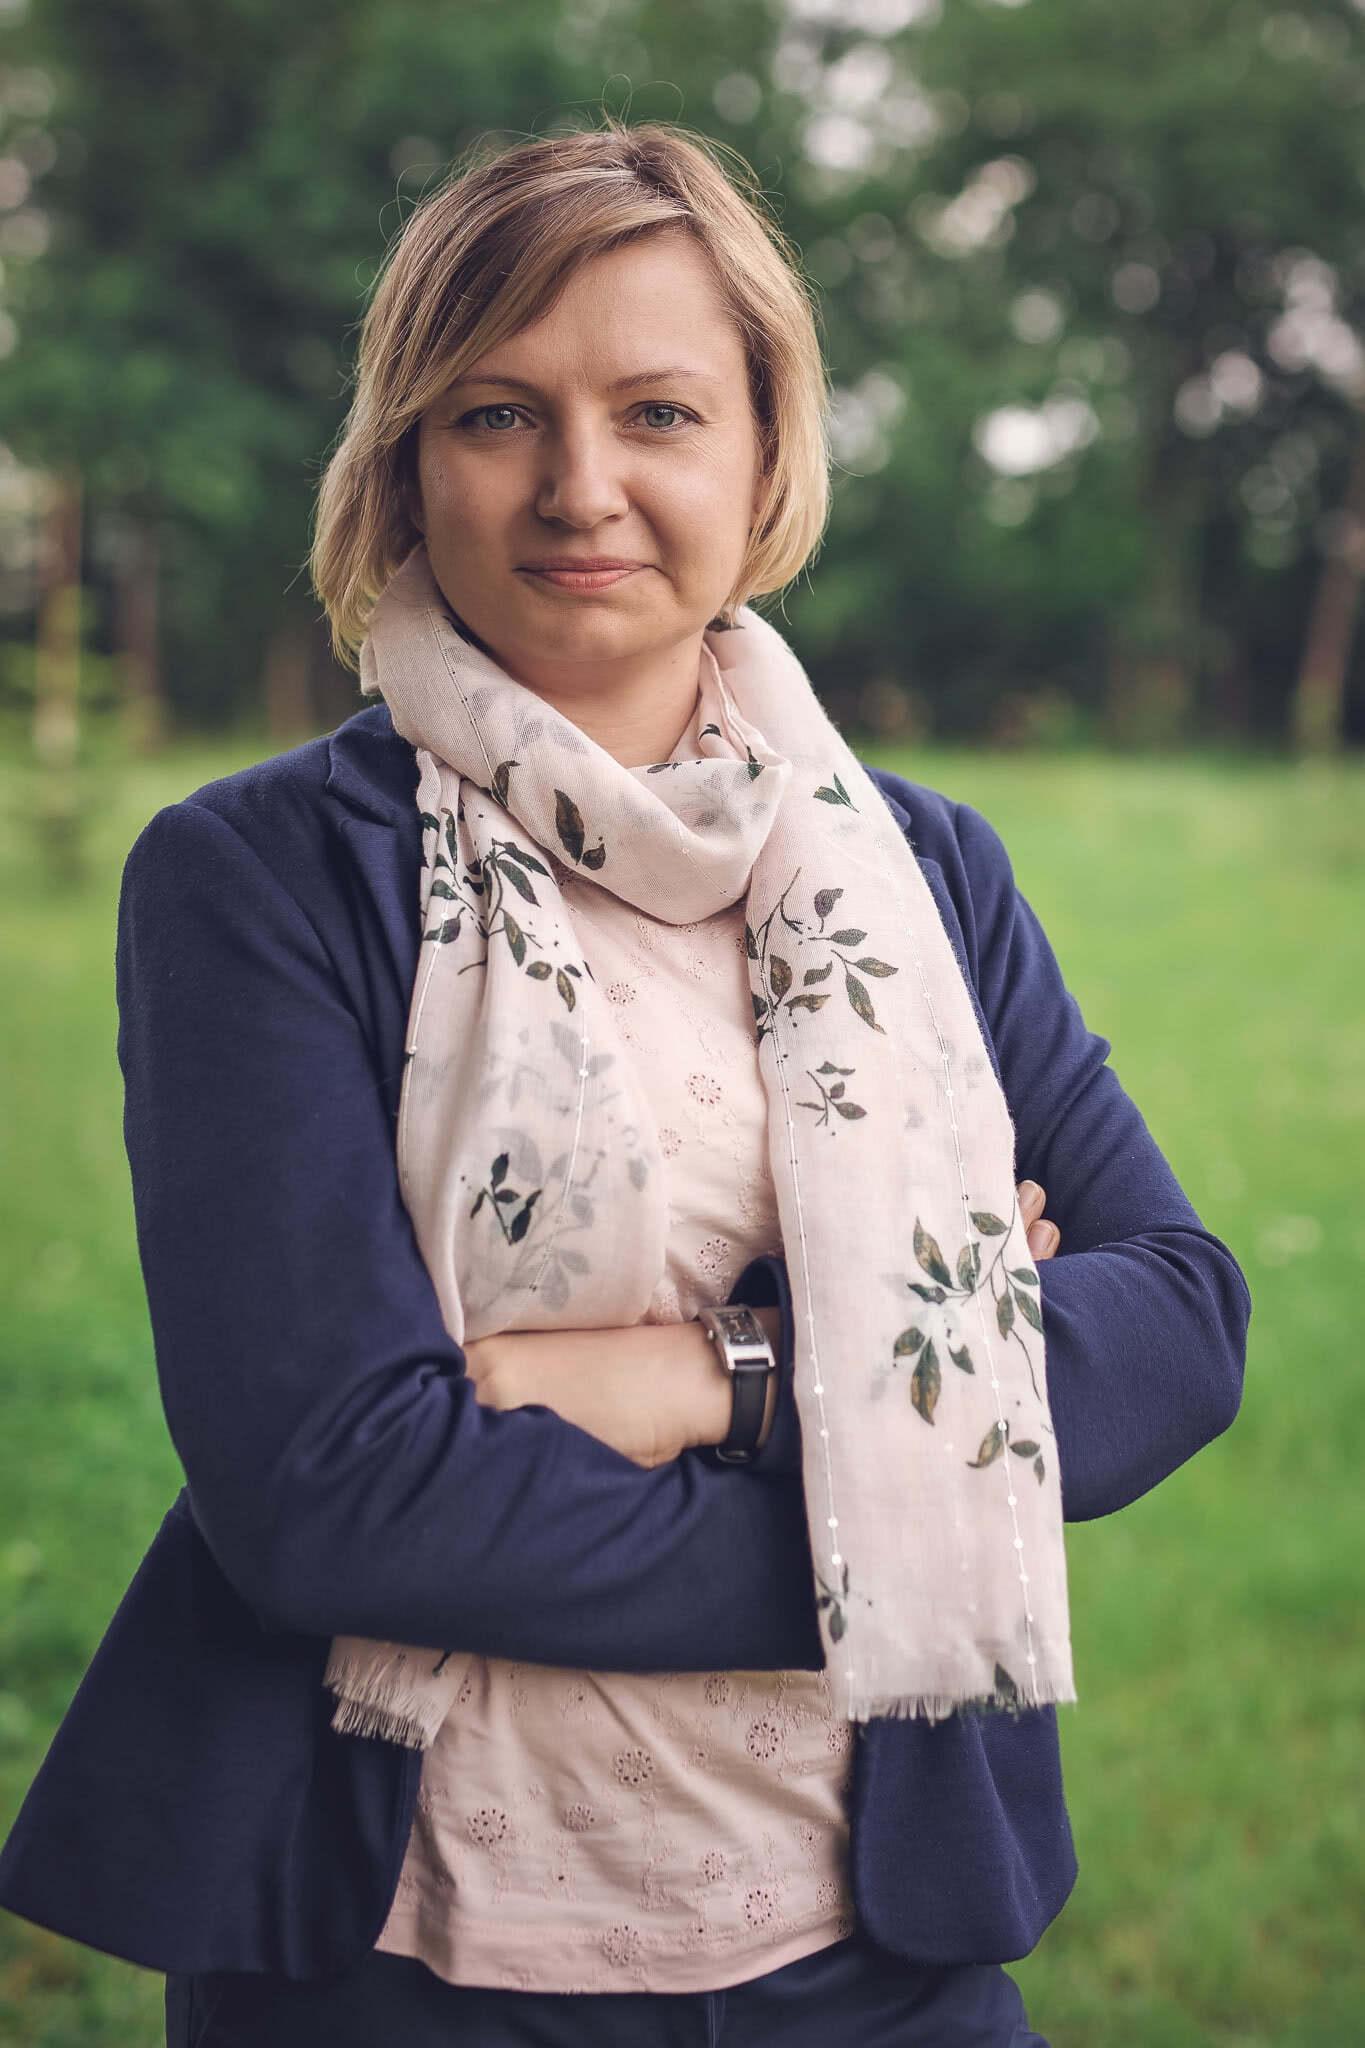 Justyna Berek-Hobler -  Członek Rady Zarządzającej, wychowawczyni kl. 8, nauczyciel historii, koordynator zespołu 4-8